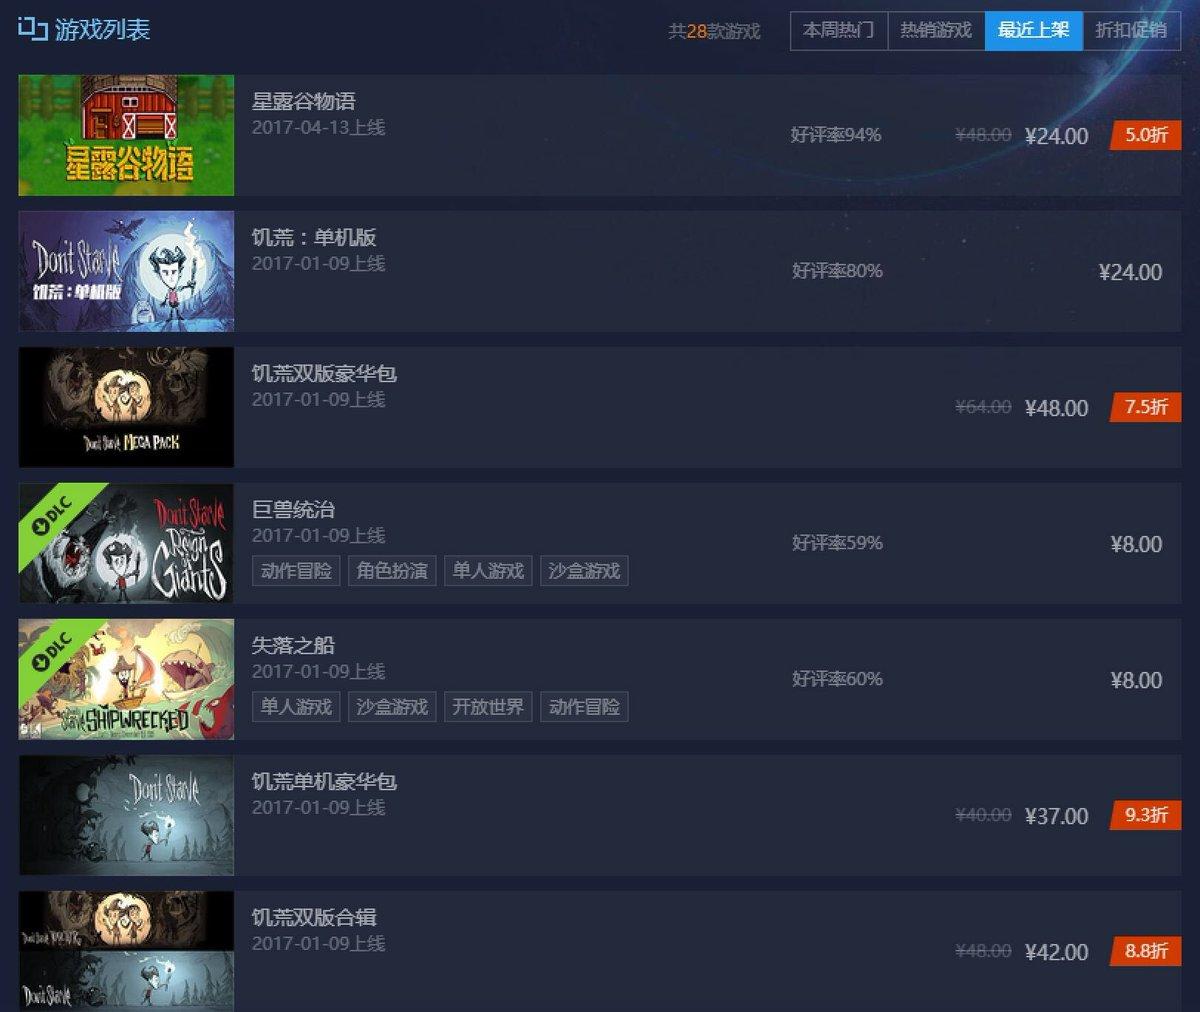 Игровая платформа Tencent будет серьезным конкурентом Steam